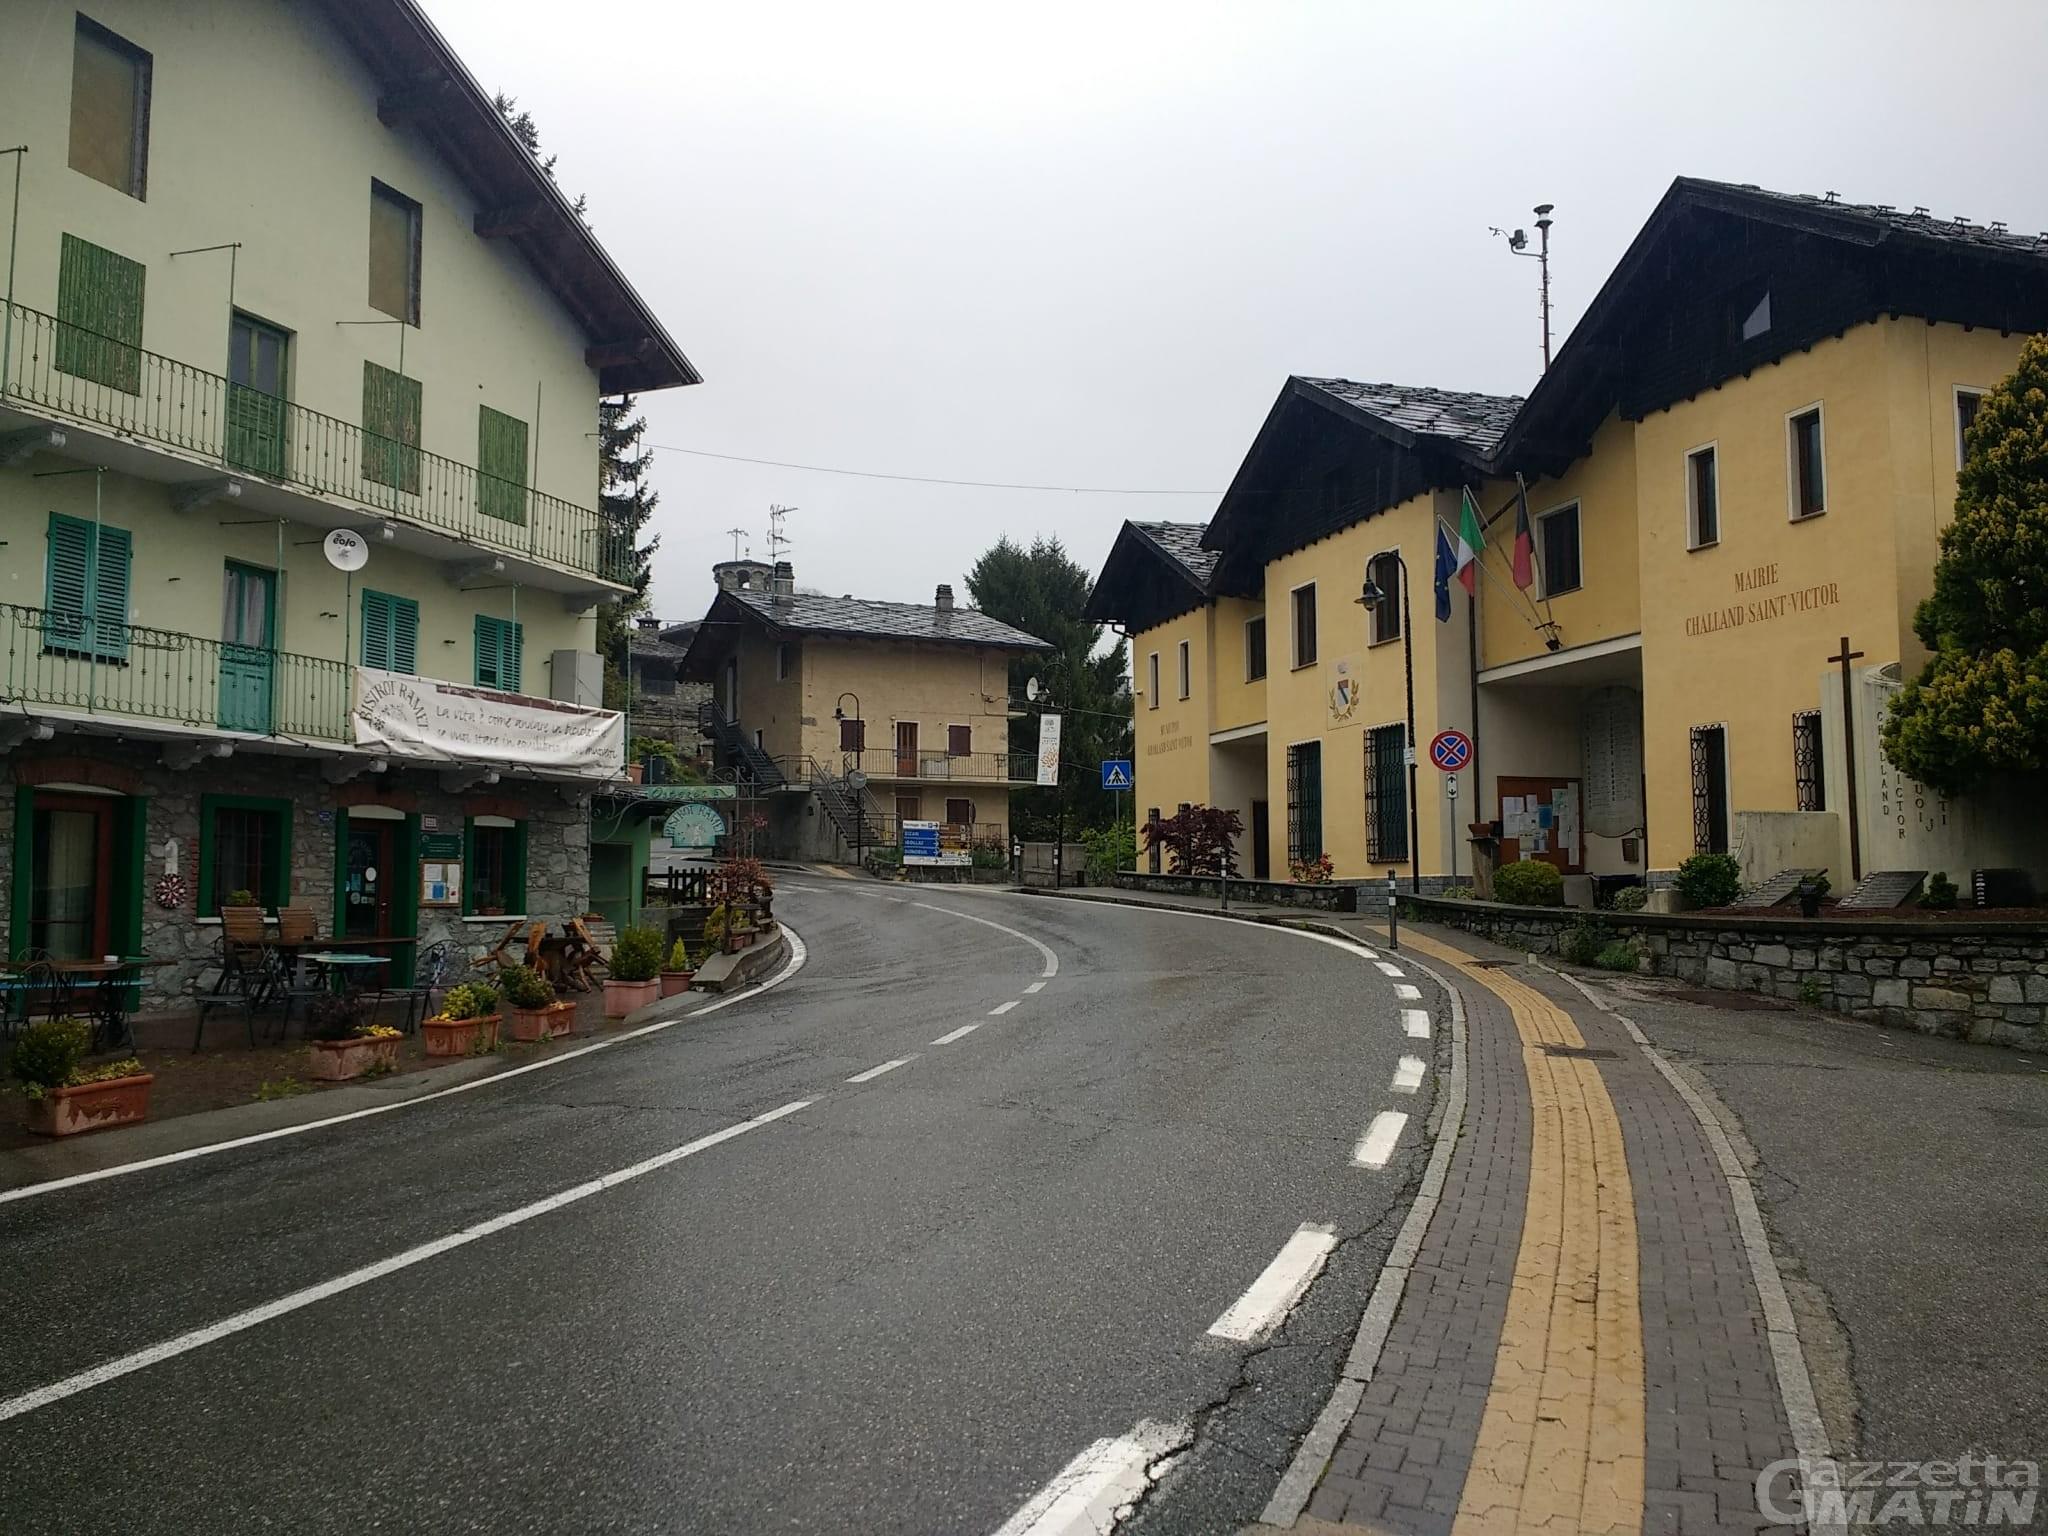 Challand-Saint-Victor: positivi maestra e bambini, scuola chiusa